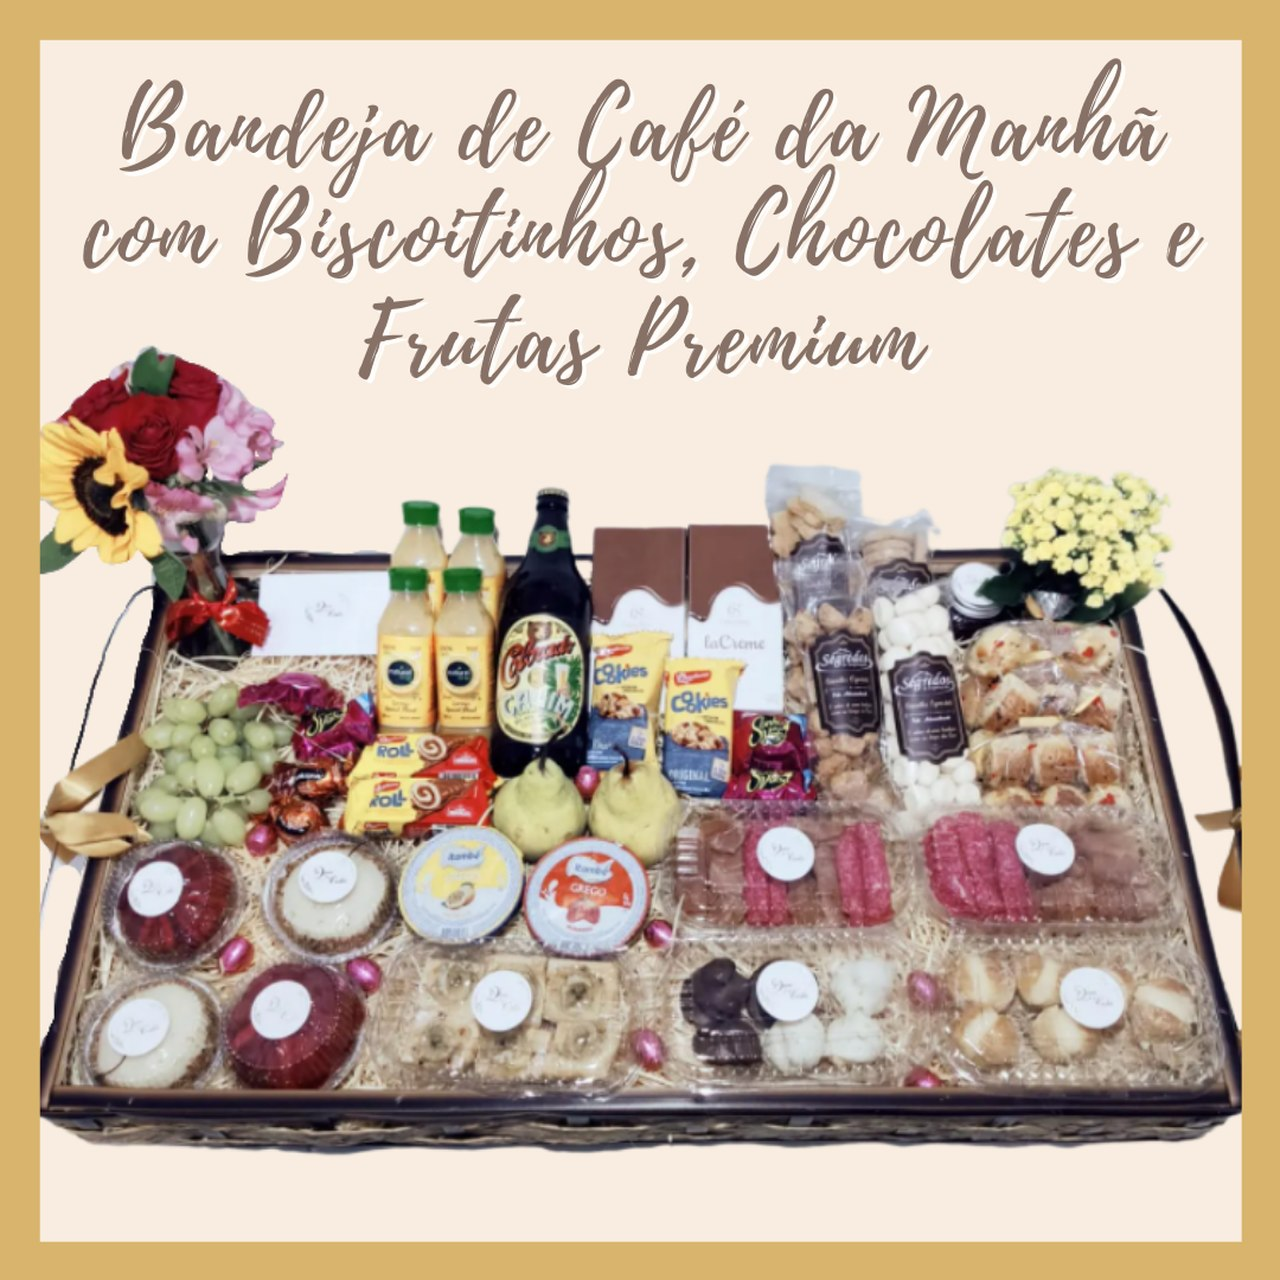 Bandeja de Café da Manhã com Biscoitinhos, Chocolates e Frutas Premium